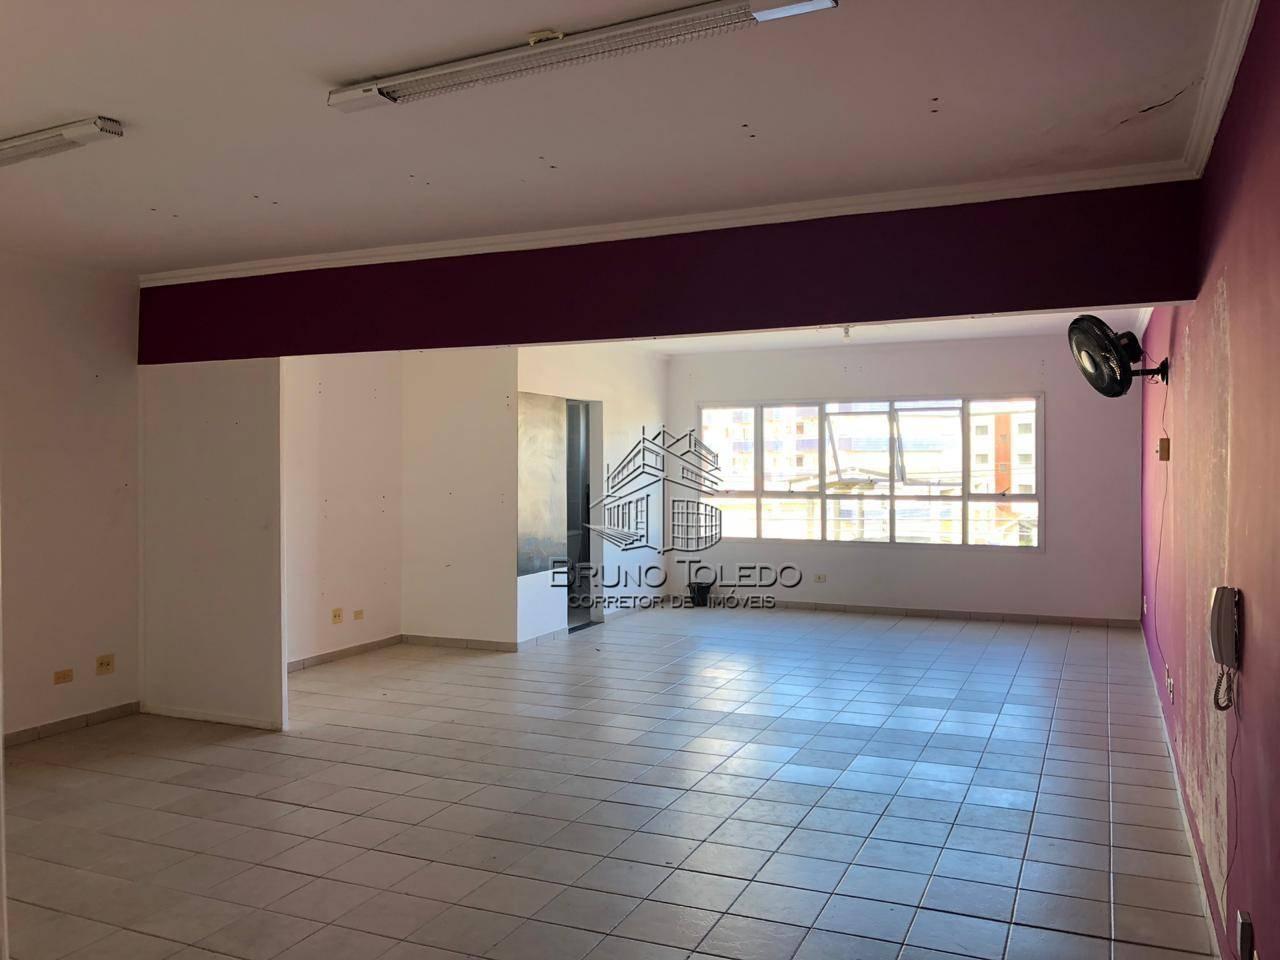 Sala para alugar, 72 m² por R$ 1.300/mês - Vila Tupi - Praia Grande/SP